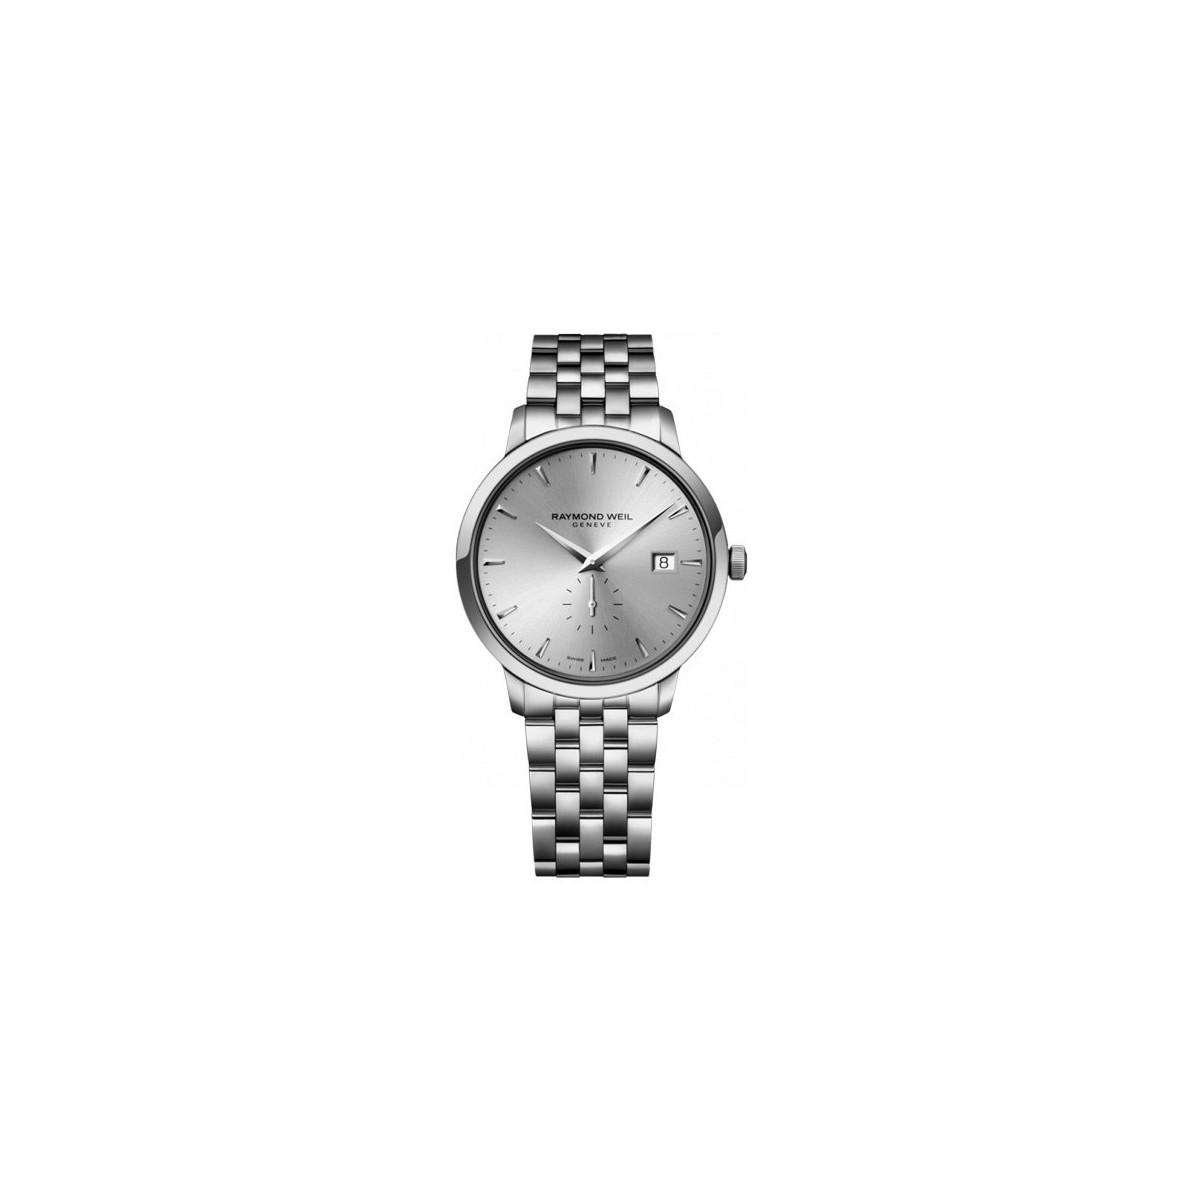 Reloj Raymond Weil Toccata 5484-ST-65001